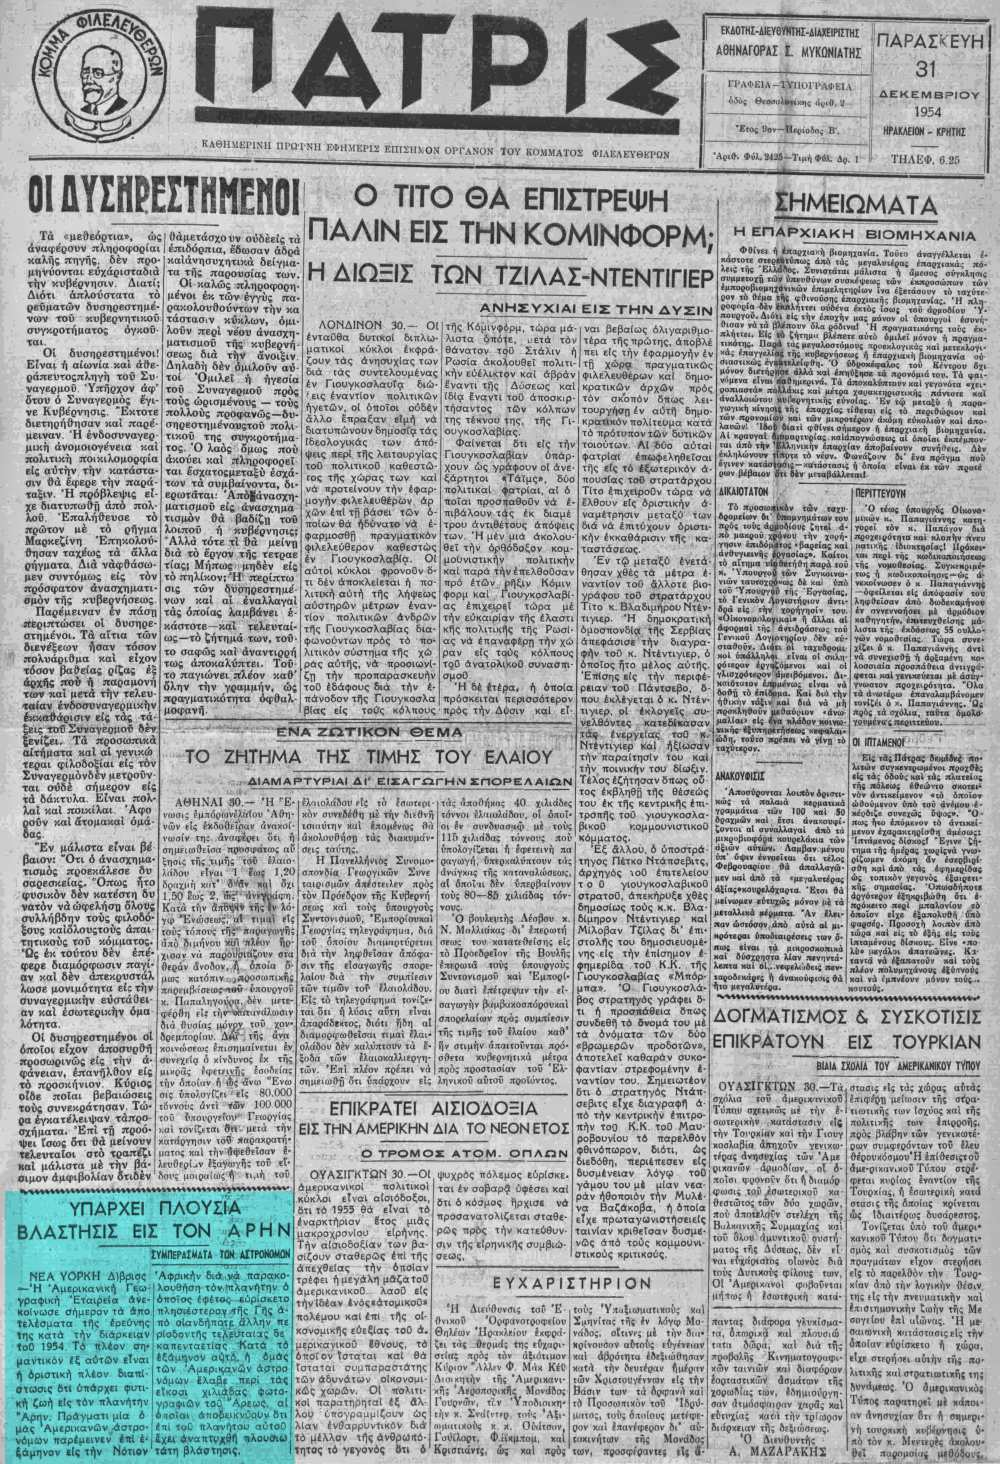 """Το άρθρο, όπως δημοσιεύθηκε στην εφημερίδα """"ΠΑΤΡΙΣ"""", στις 31/12/1954"""